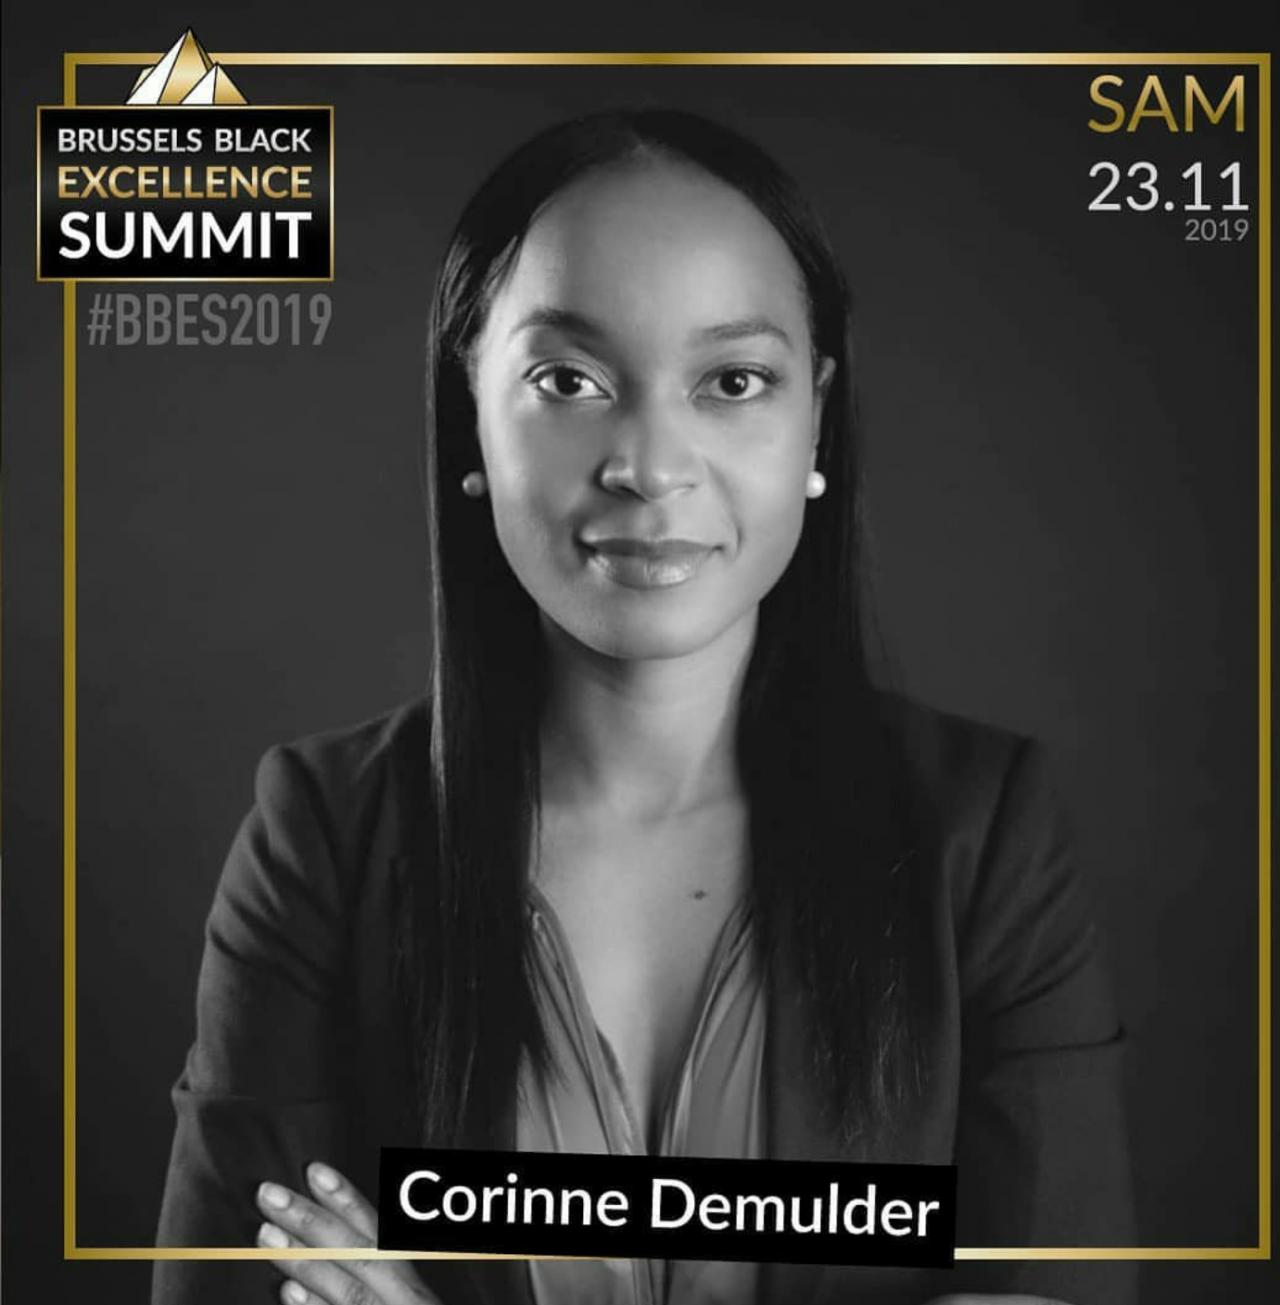 Corinne Demulder